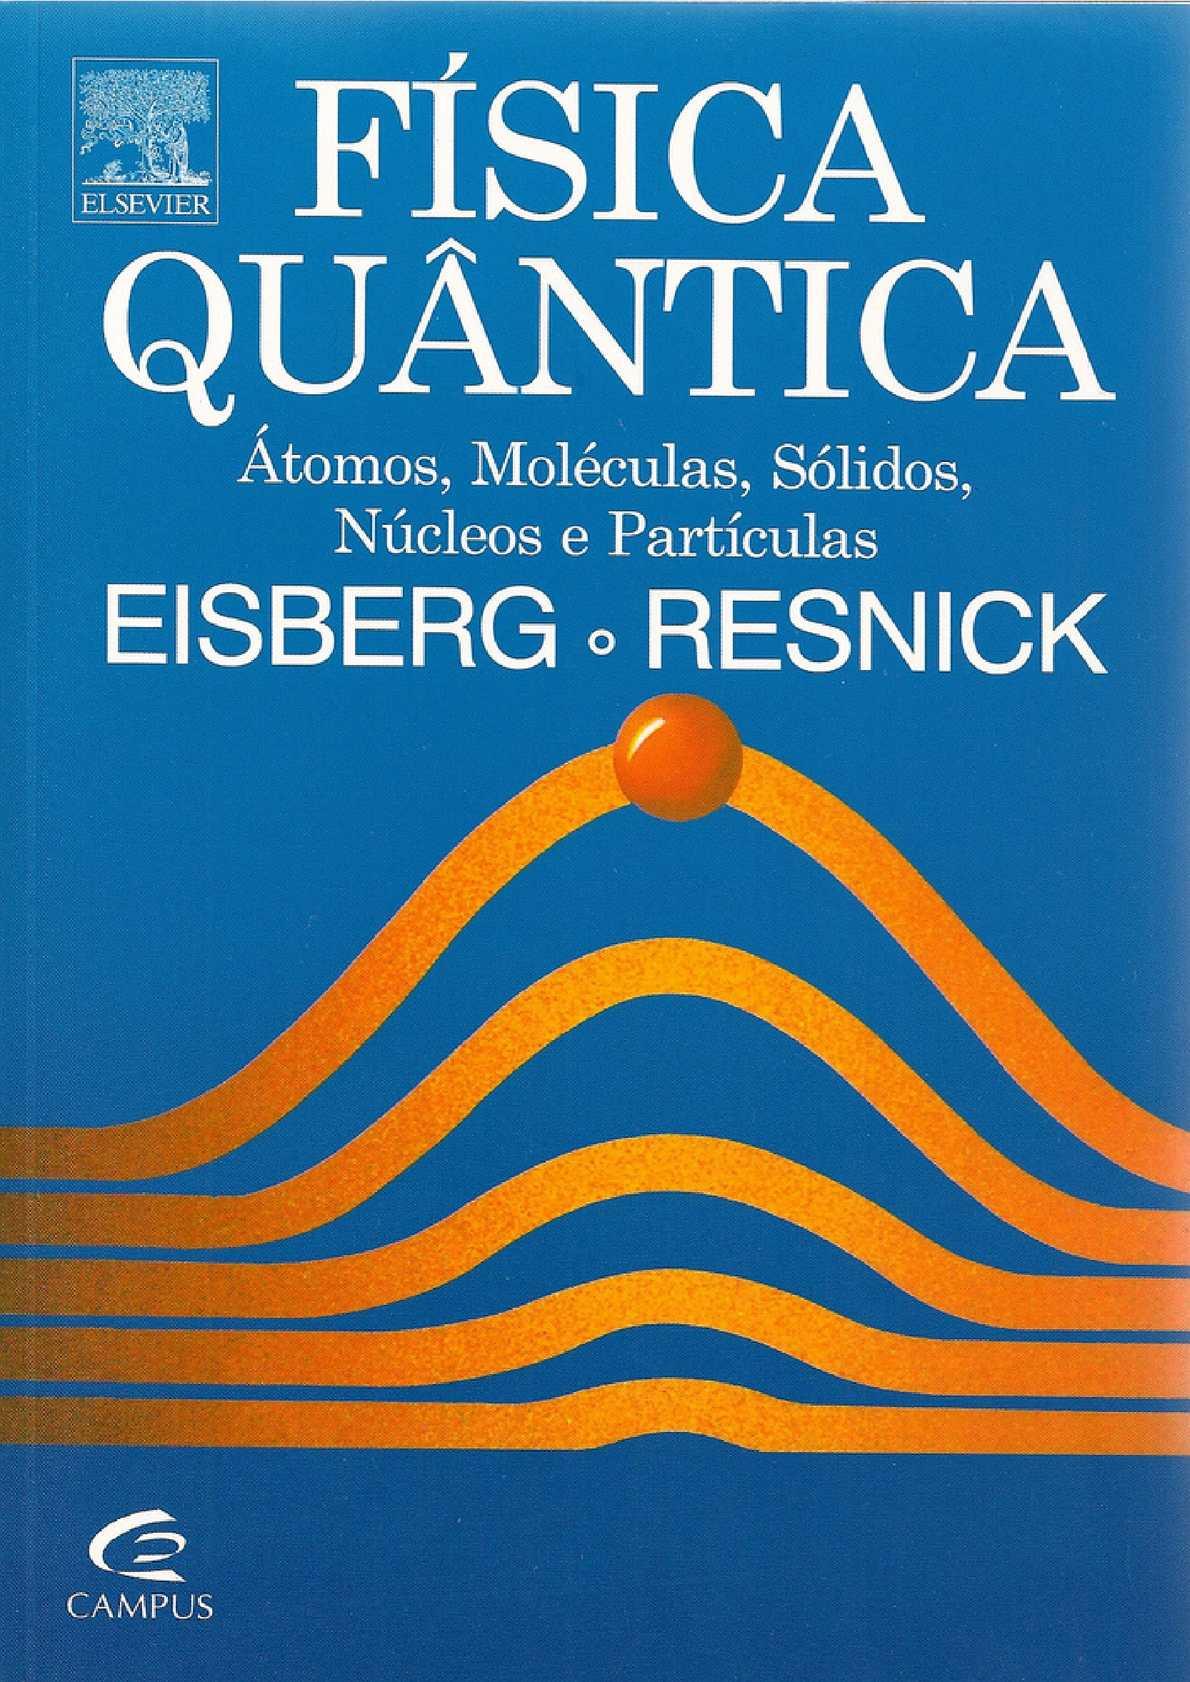 Física Quântica - Eisberg e Resnick ~ Mega Livros